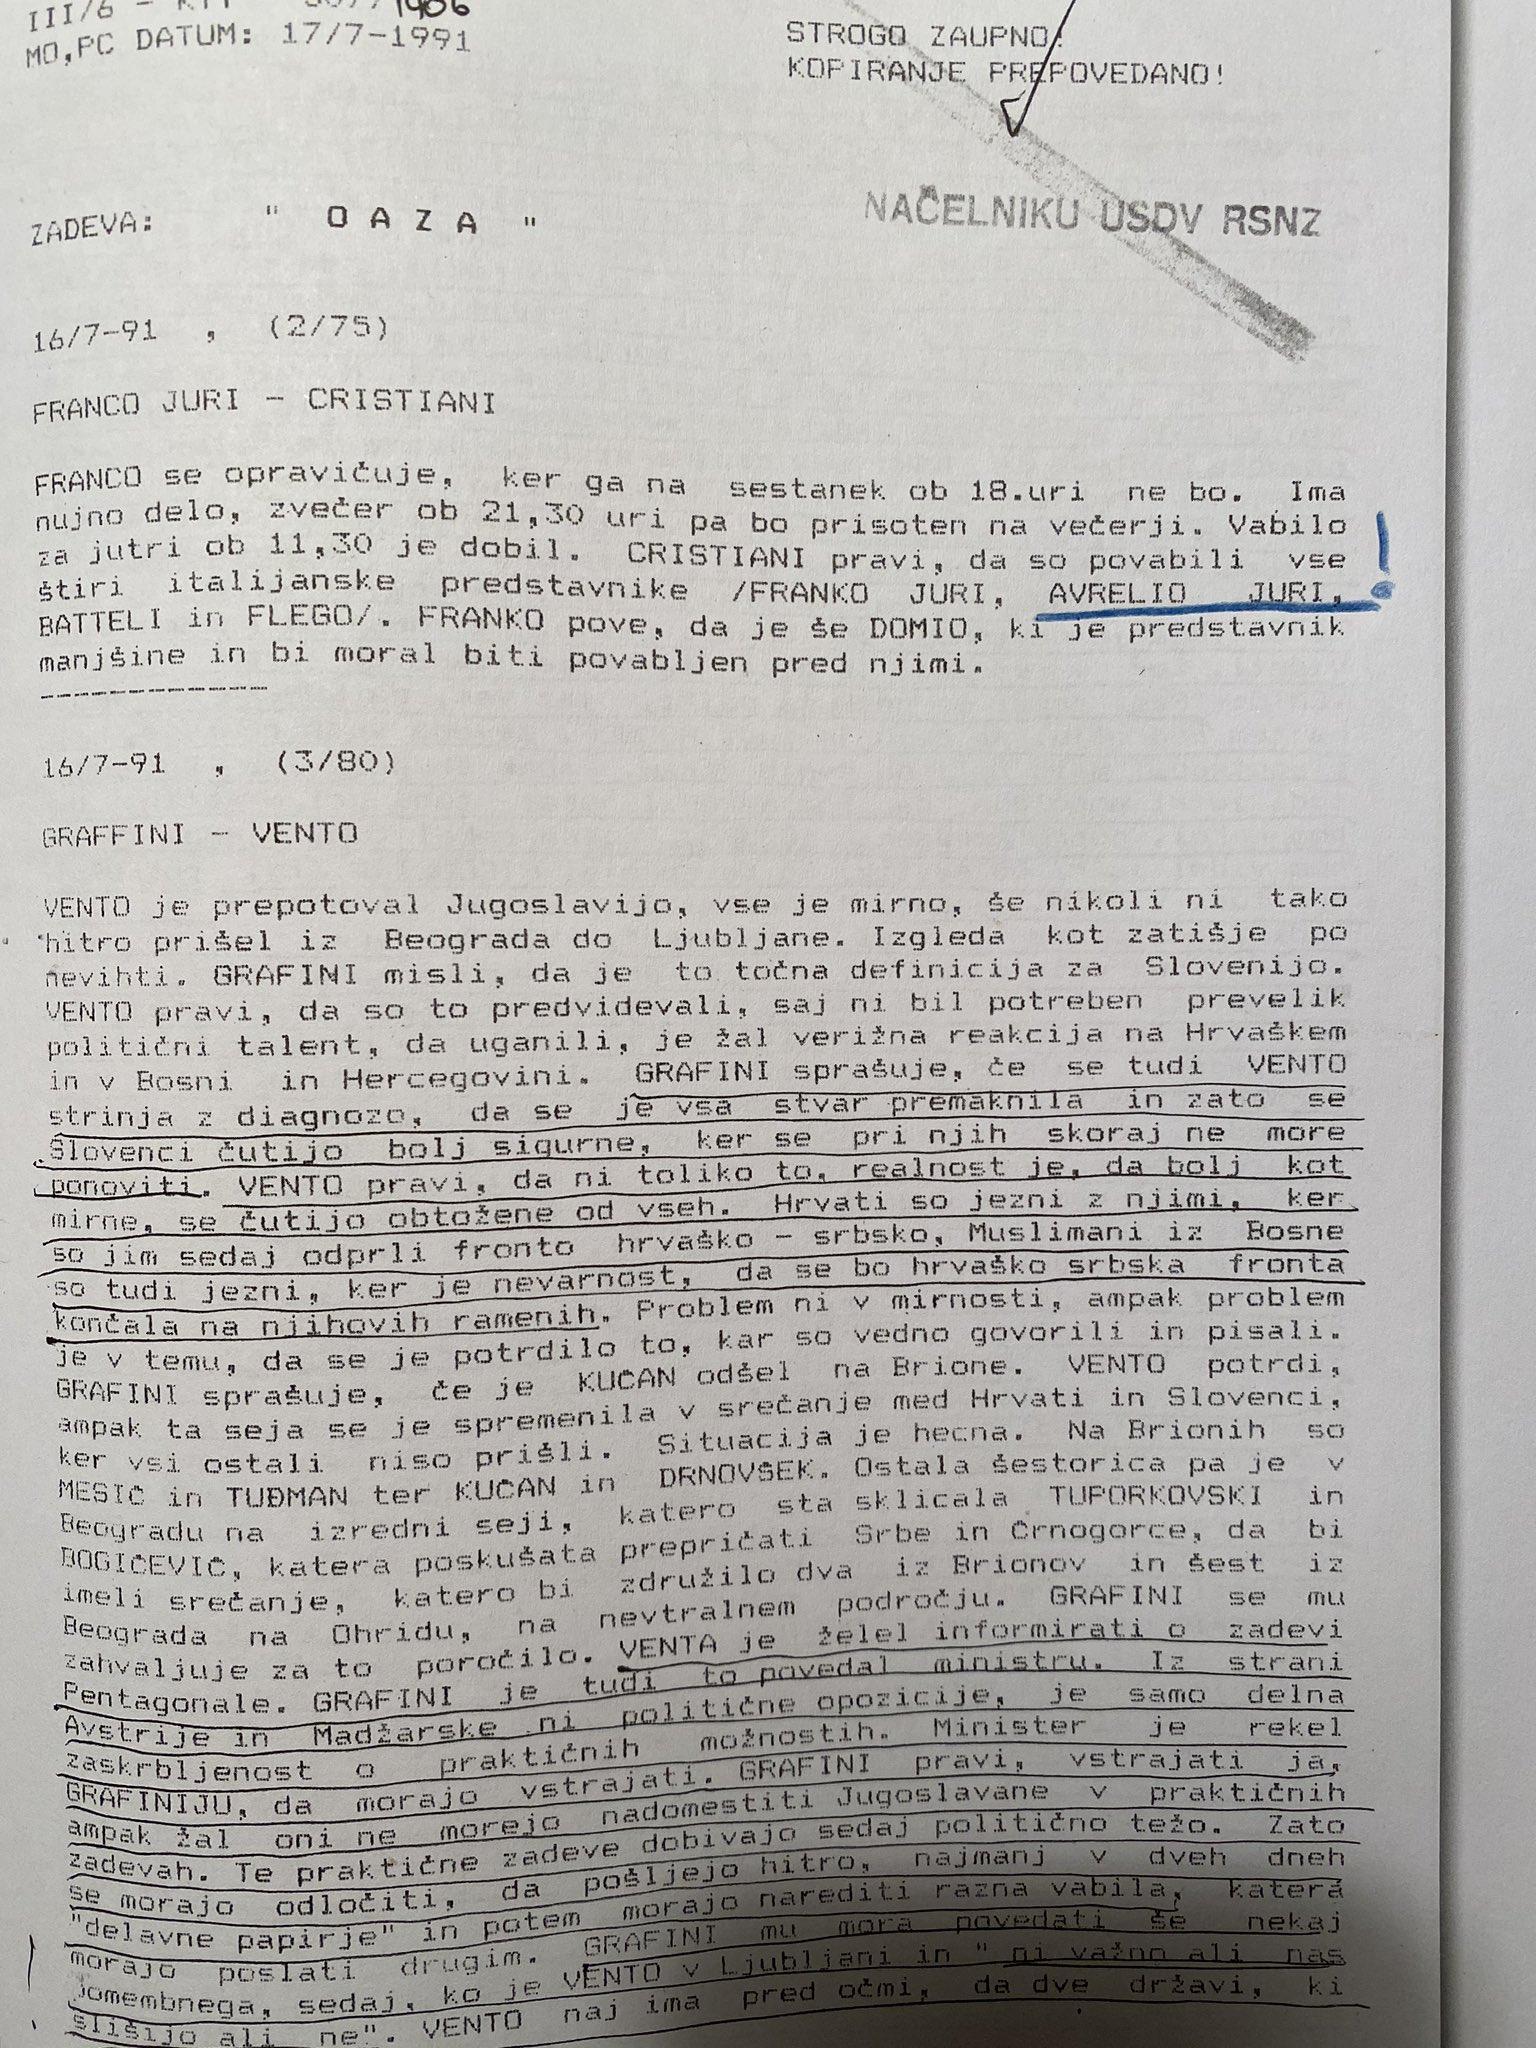 Dokument številka 2 razkriva, da so Jurijevi obtožili Slovenijo, da je odgovorna za kasnejšo vojno stanje v bivših republikah Jugoslavije. (Foto: Twitter)